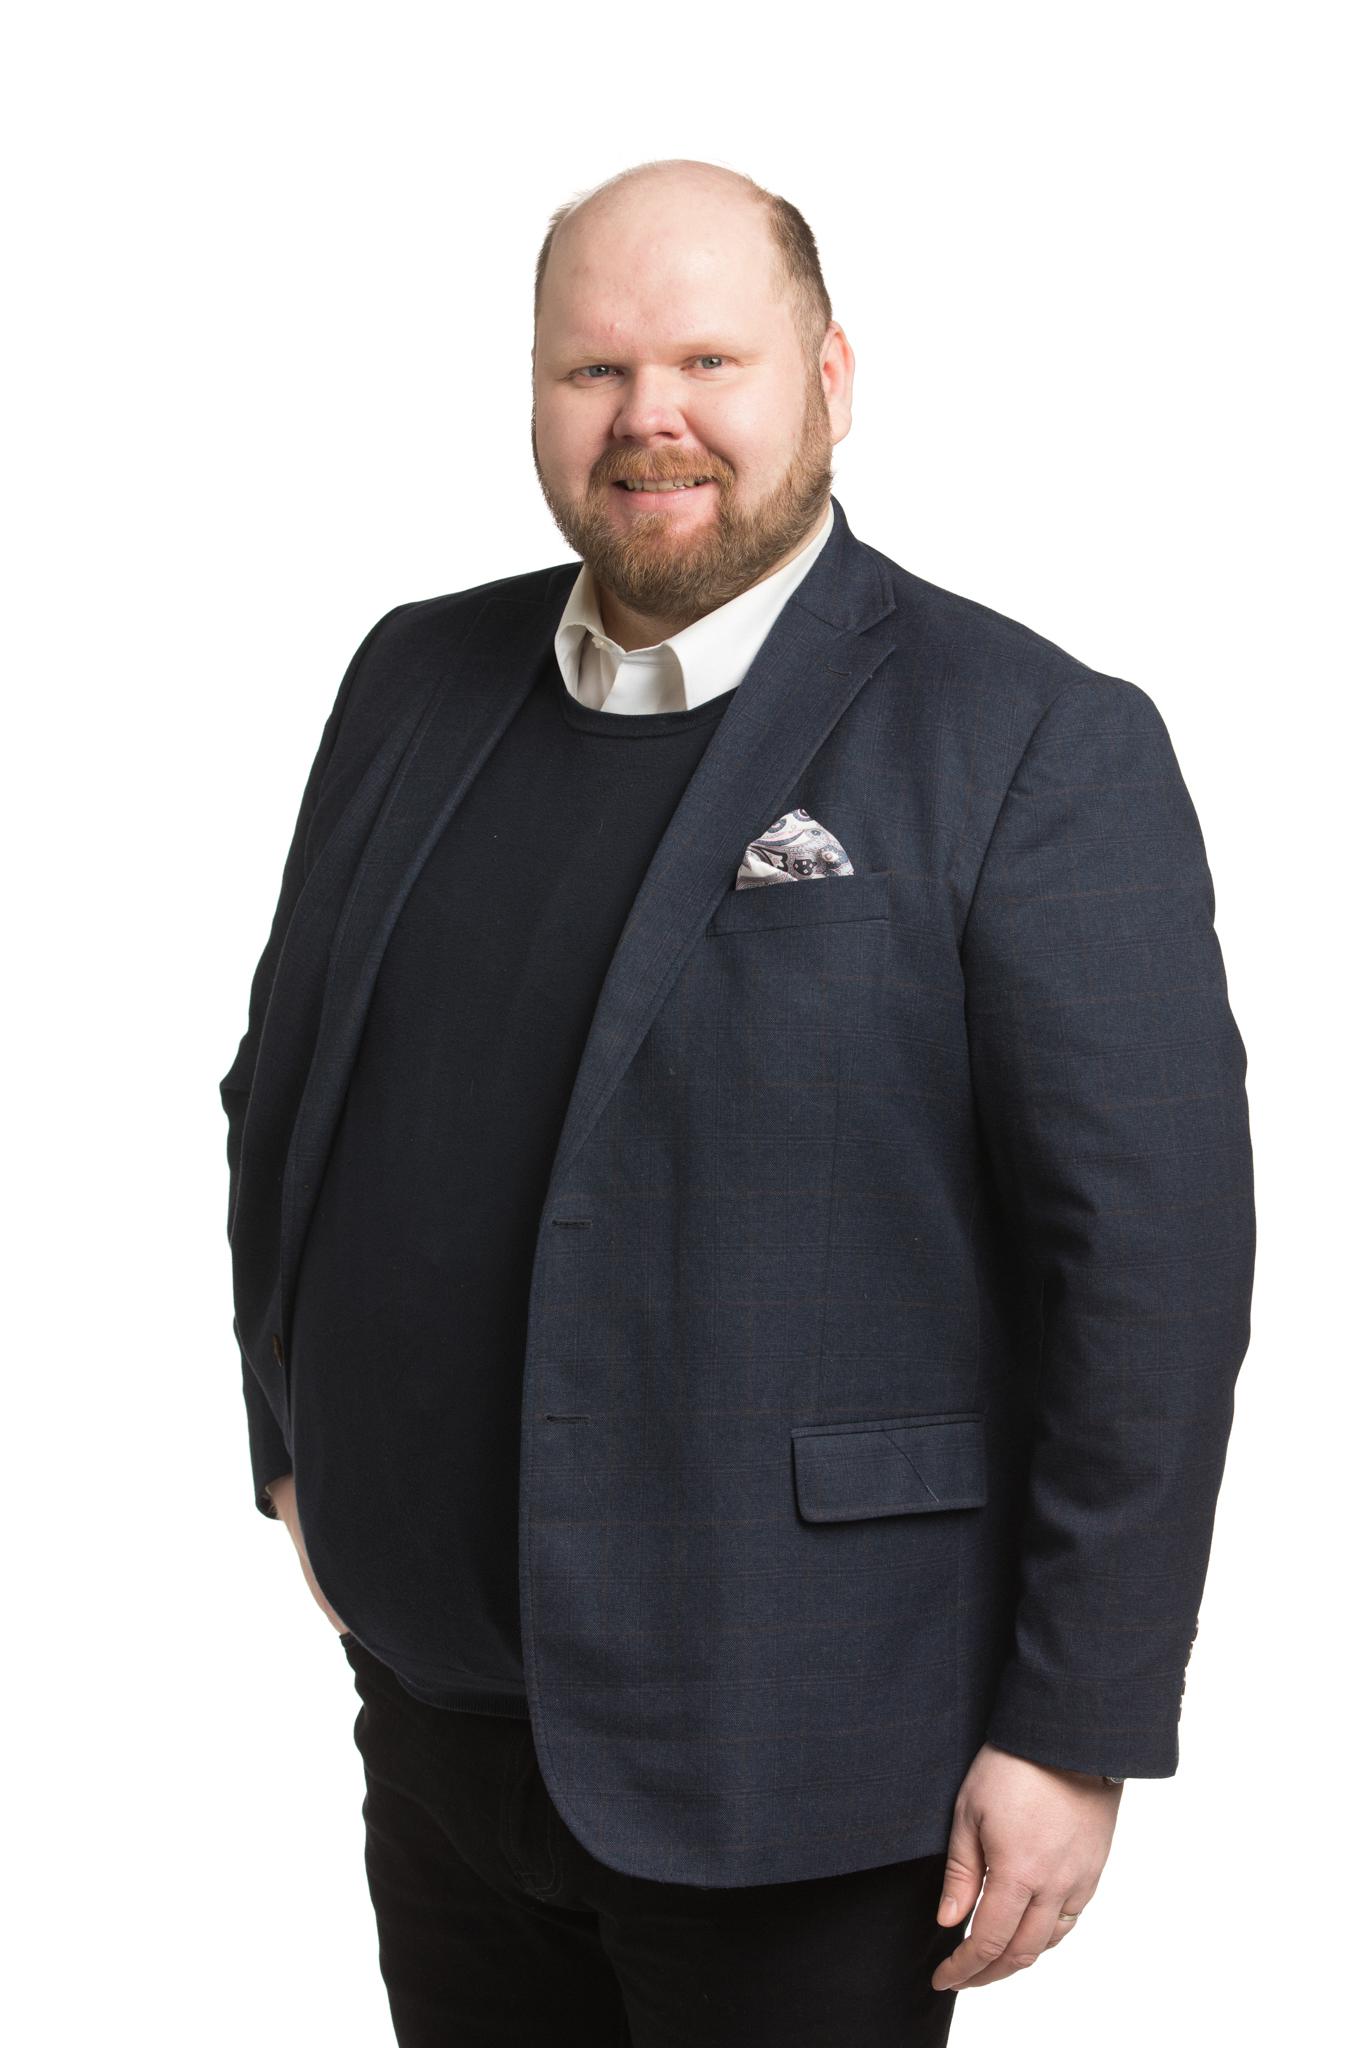 Brunni Antti : Espoon Vihreiden puheenjohtaja, kaupunginhallituksen varajäsen, kaupunginhallituksen tila- ja asuntojaoston jäsen, kaupunginhallituksen elinkeino- ja kilpailukykyjaoston varajäsen